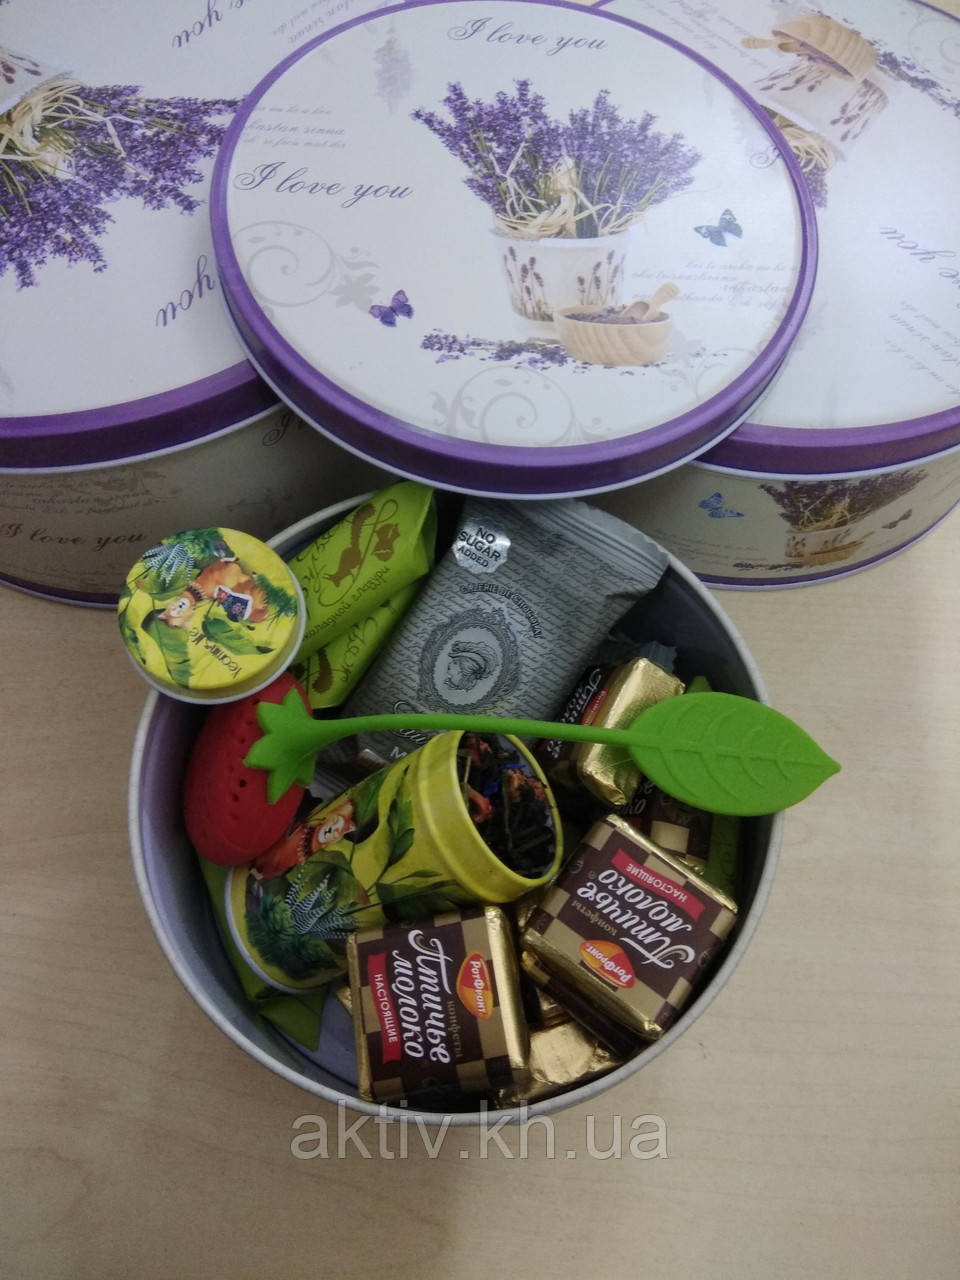 Подарочный чайно-конфетный набор